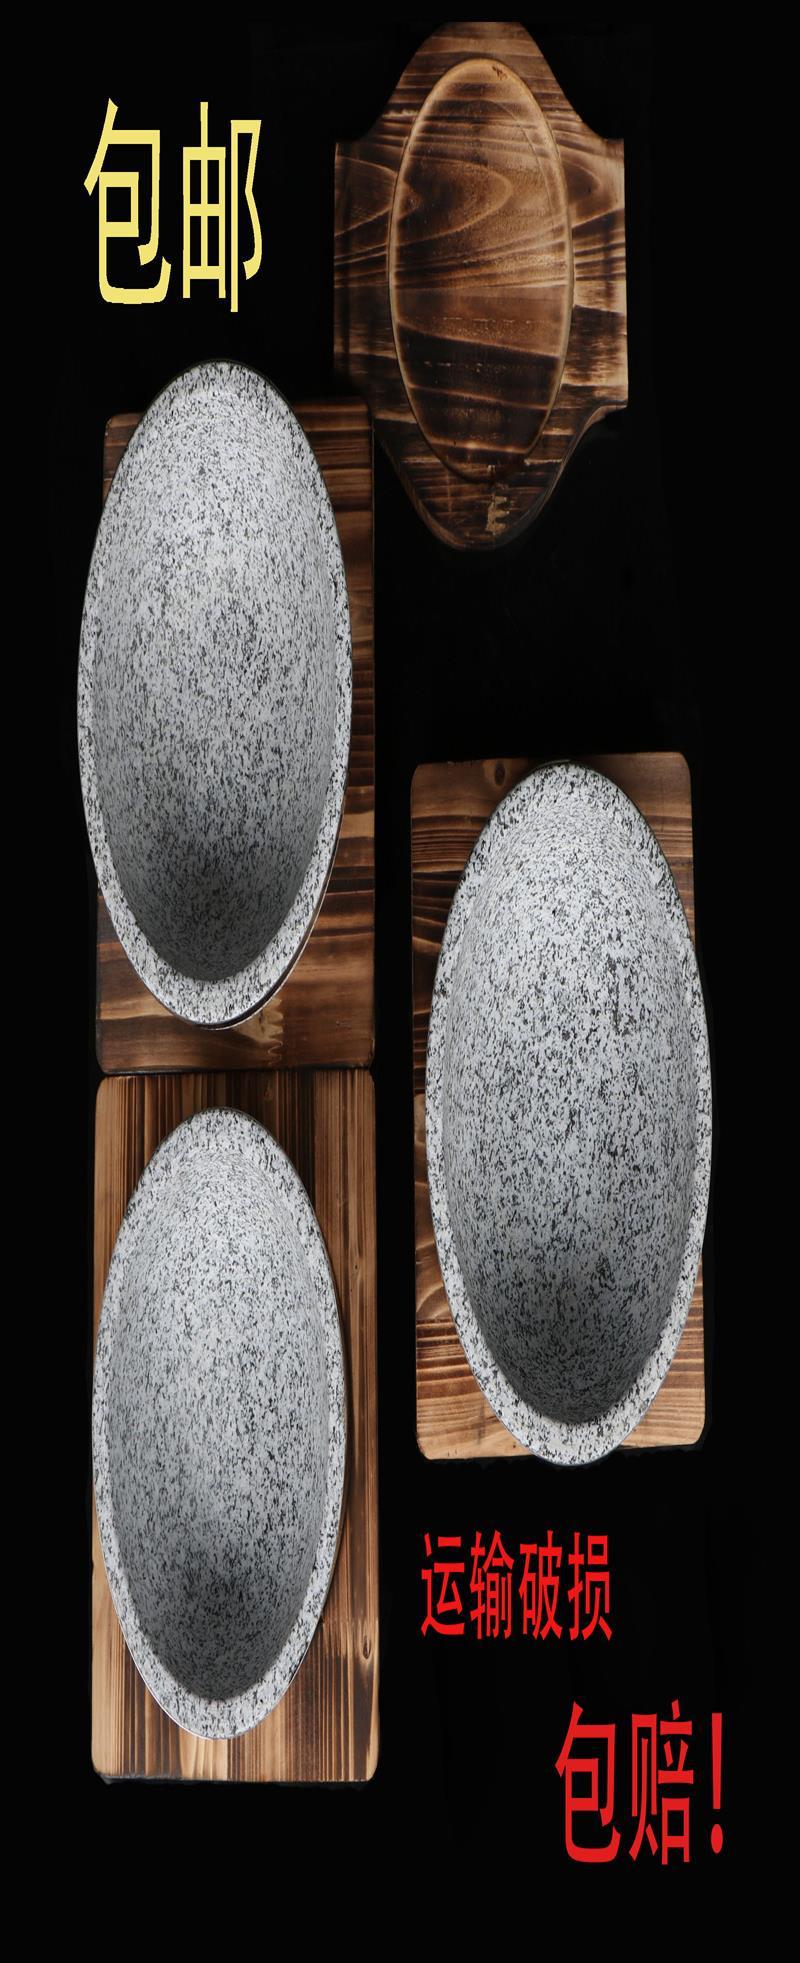 送礼石锅家用卫生石碗韩国抗摔料理6人碗筷汤碗盘子日韩式石锅